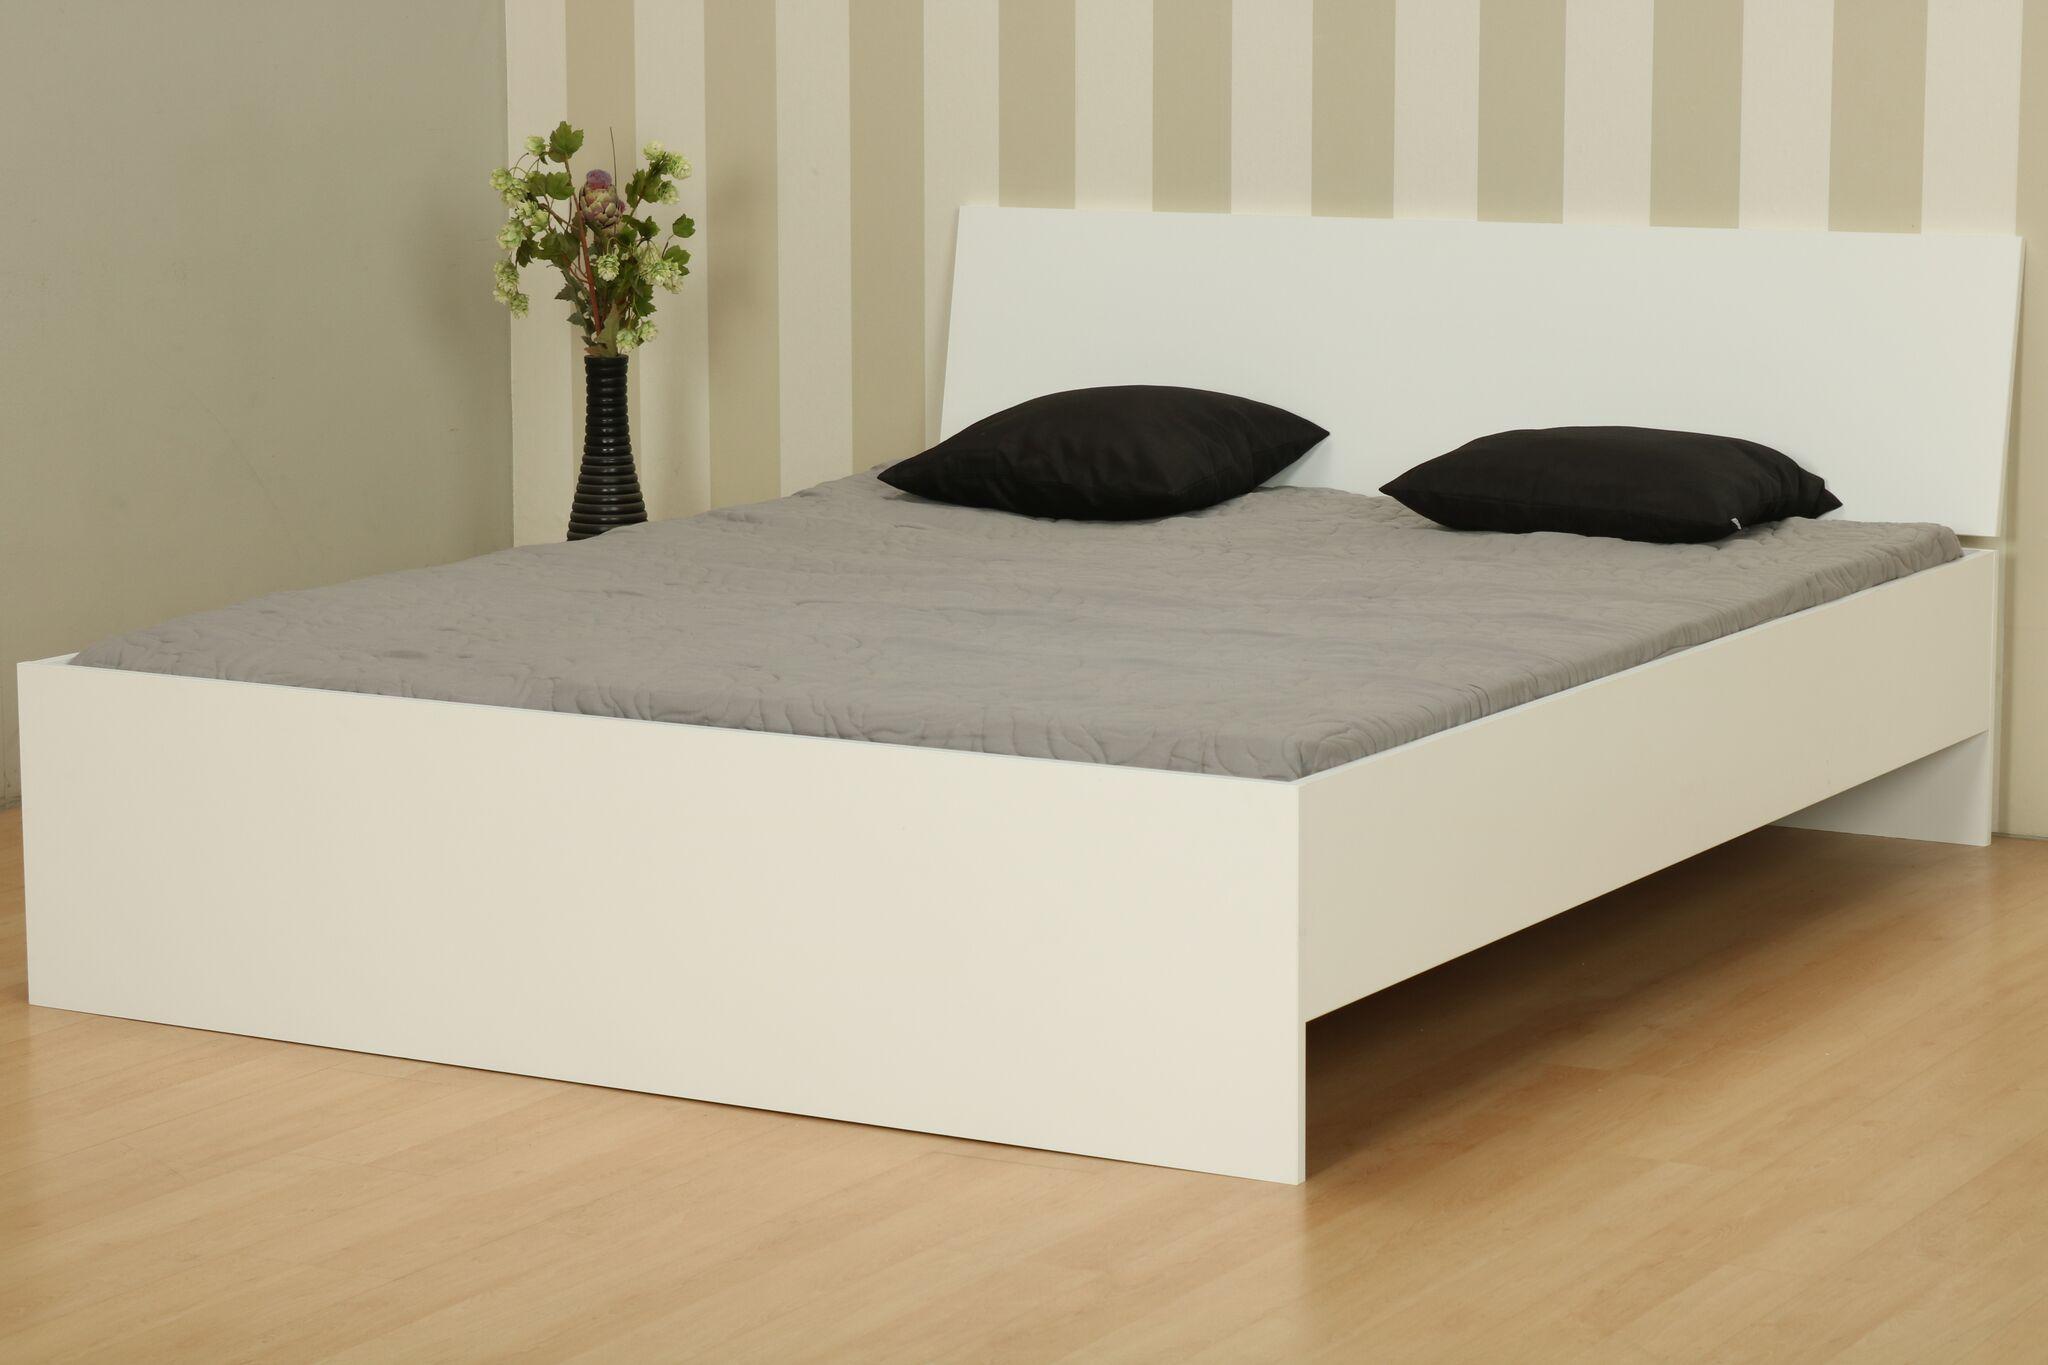 Full Size of Betten Holz Schöne Außergewöhnliche Nolte Boxspring Coole überlänge Dico Massivholz Bei Ikea Bett Betten Holz